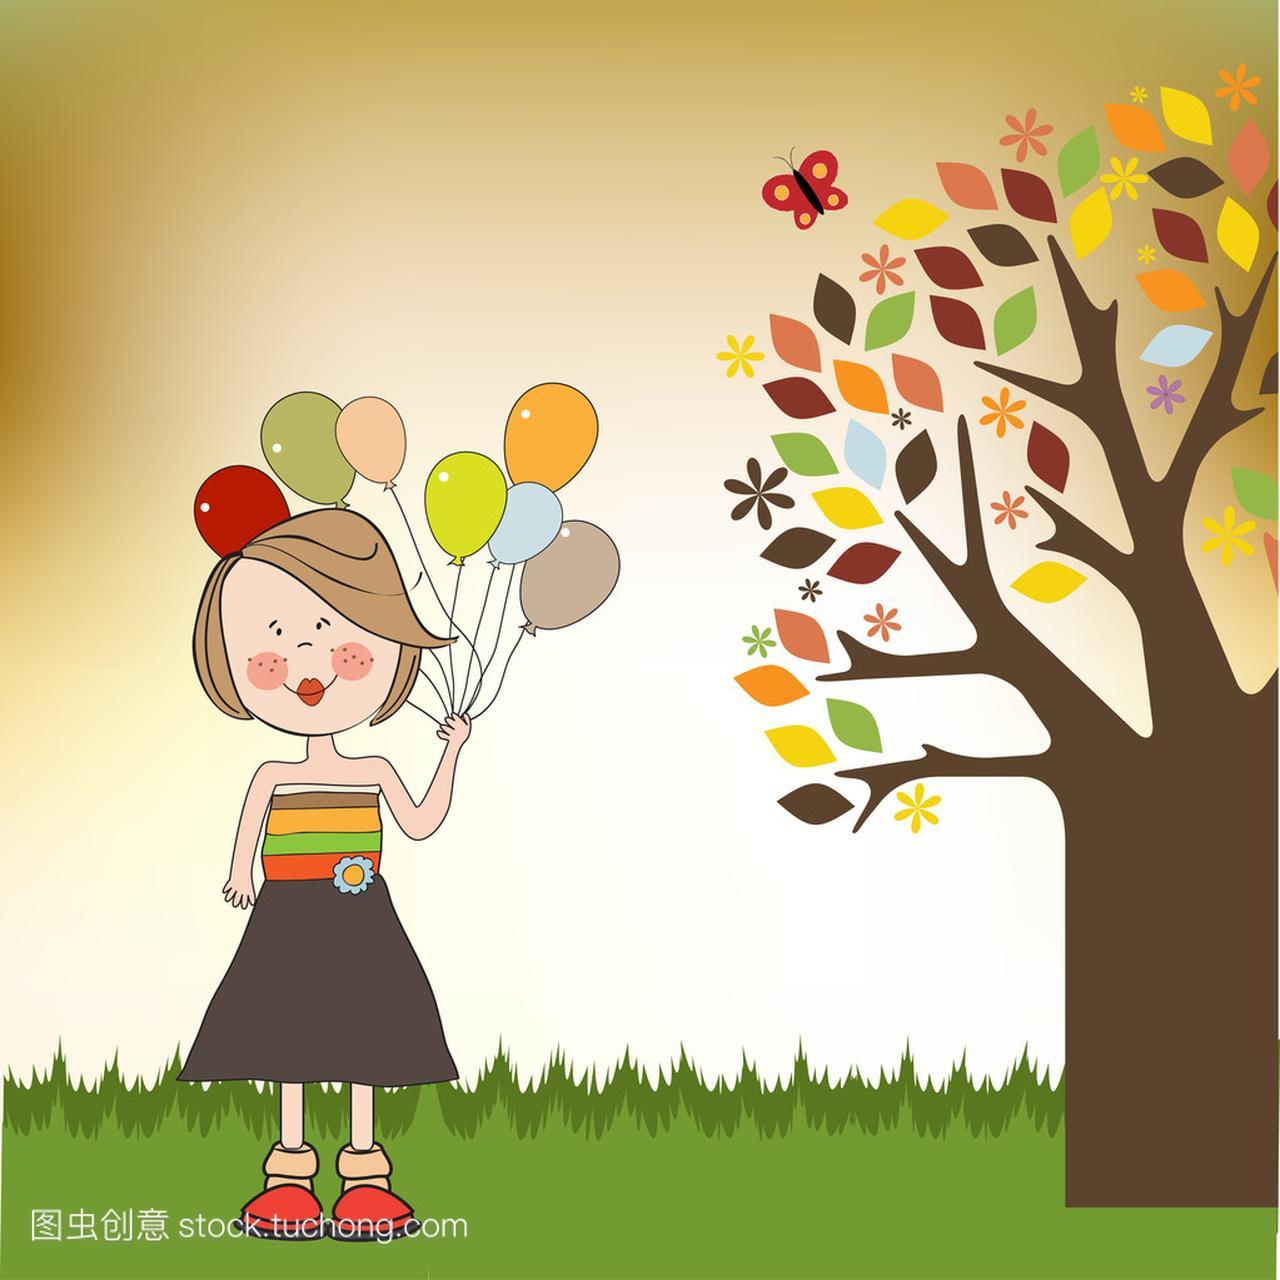 可爱图片与气球、生日贺卡女生女孩黑白搞笑图片